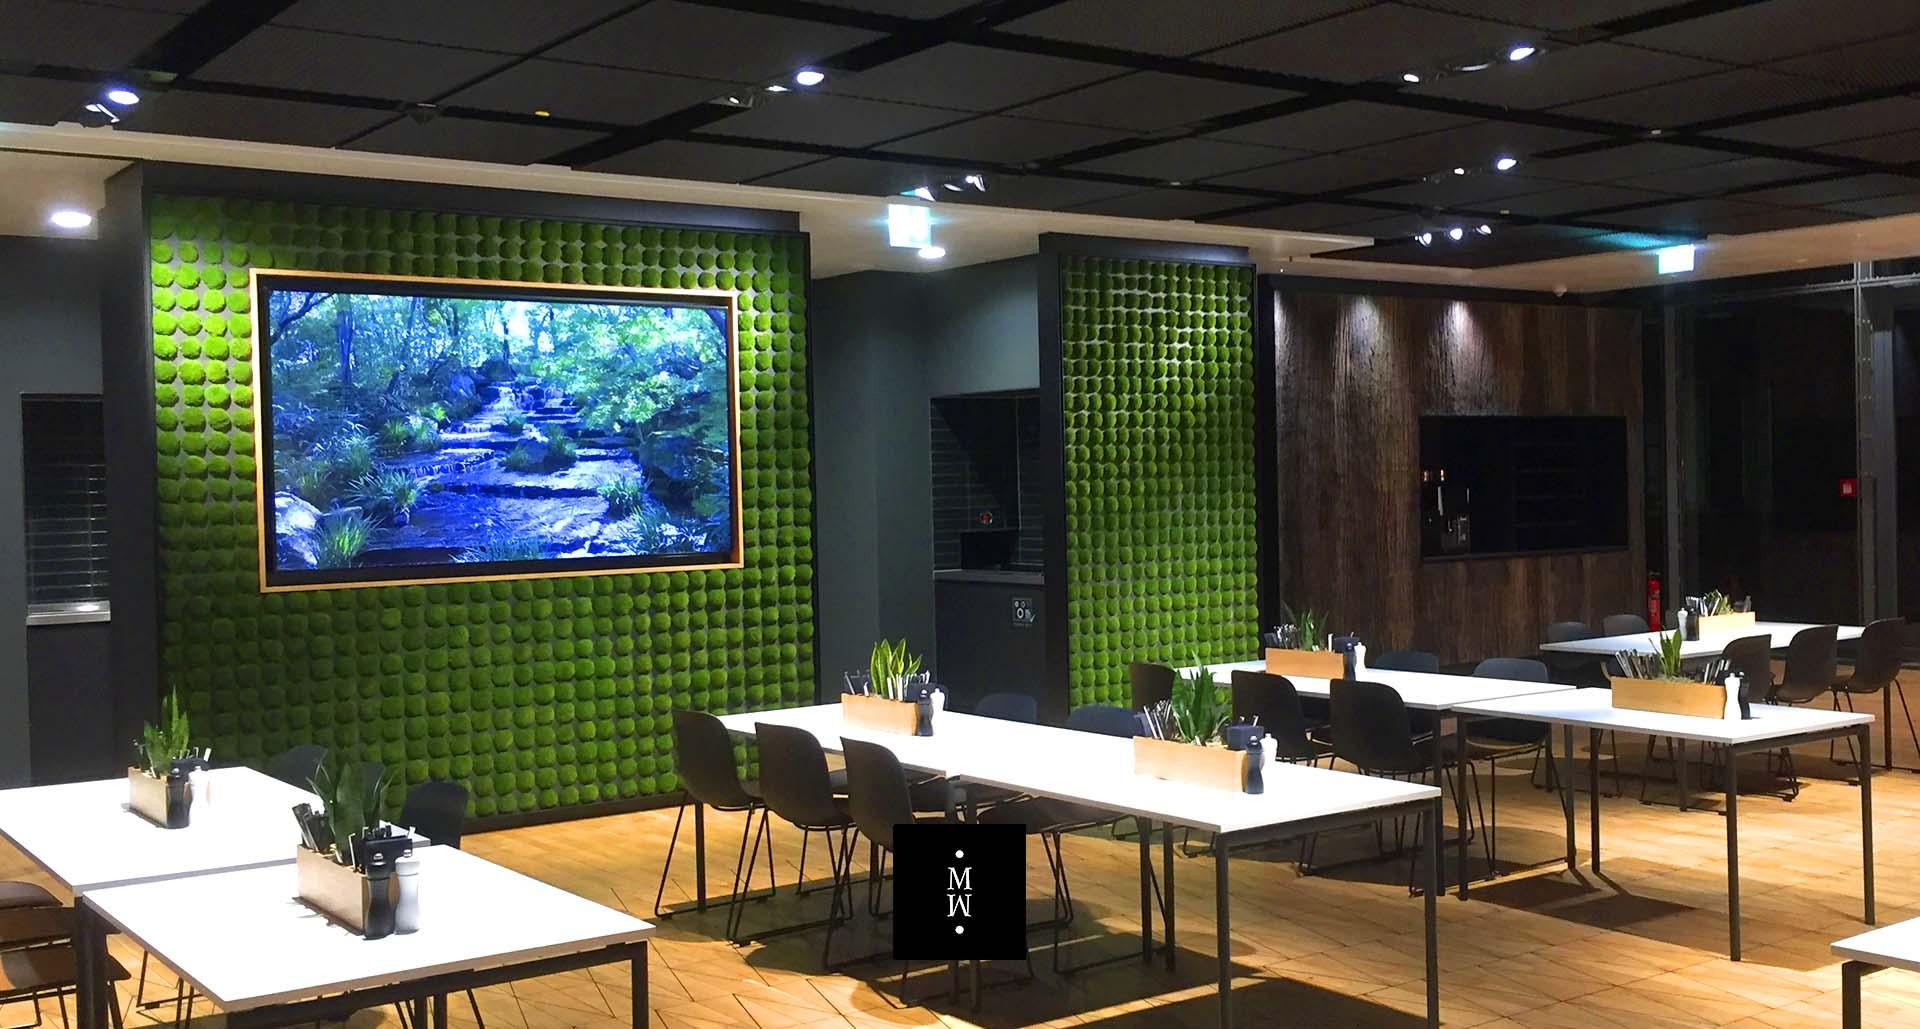 Wand aus einzelnen Mossballen in einem Restaurant